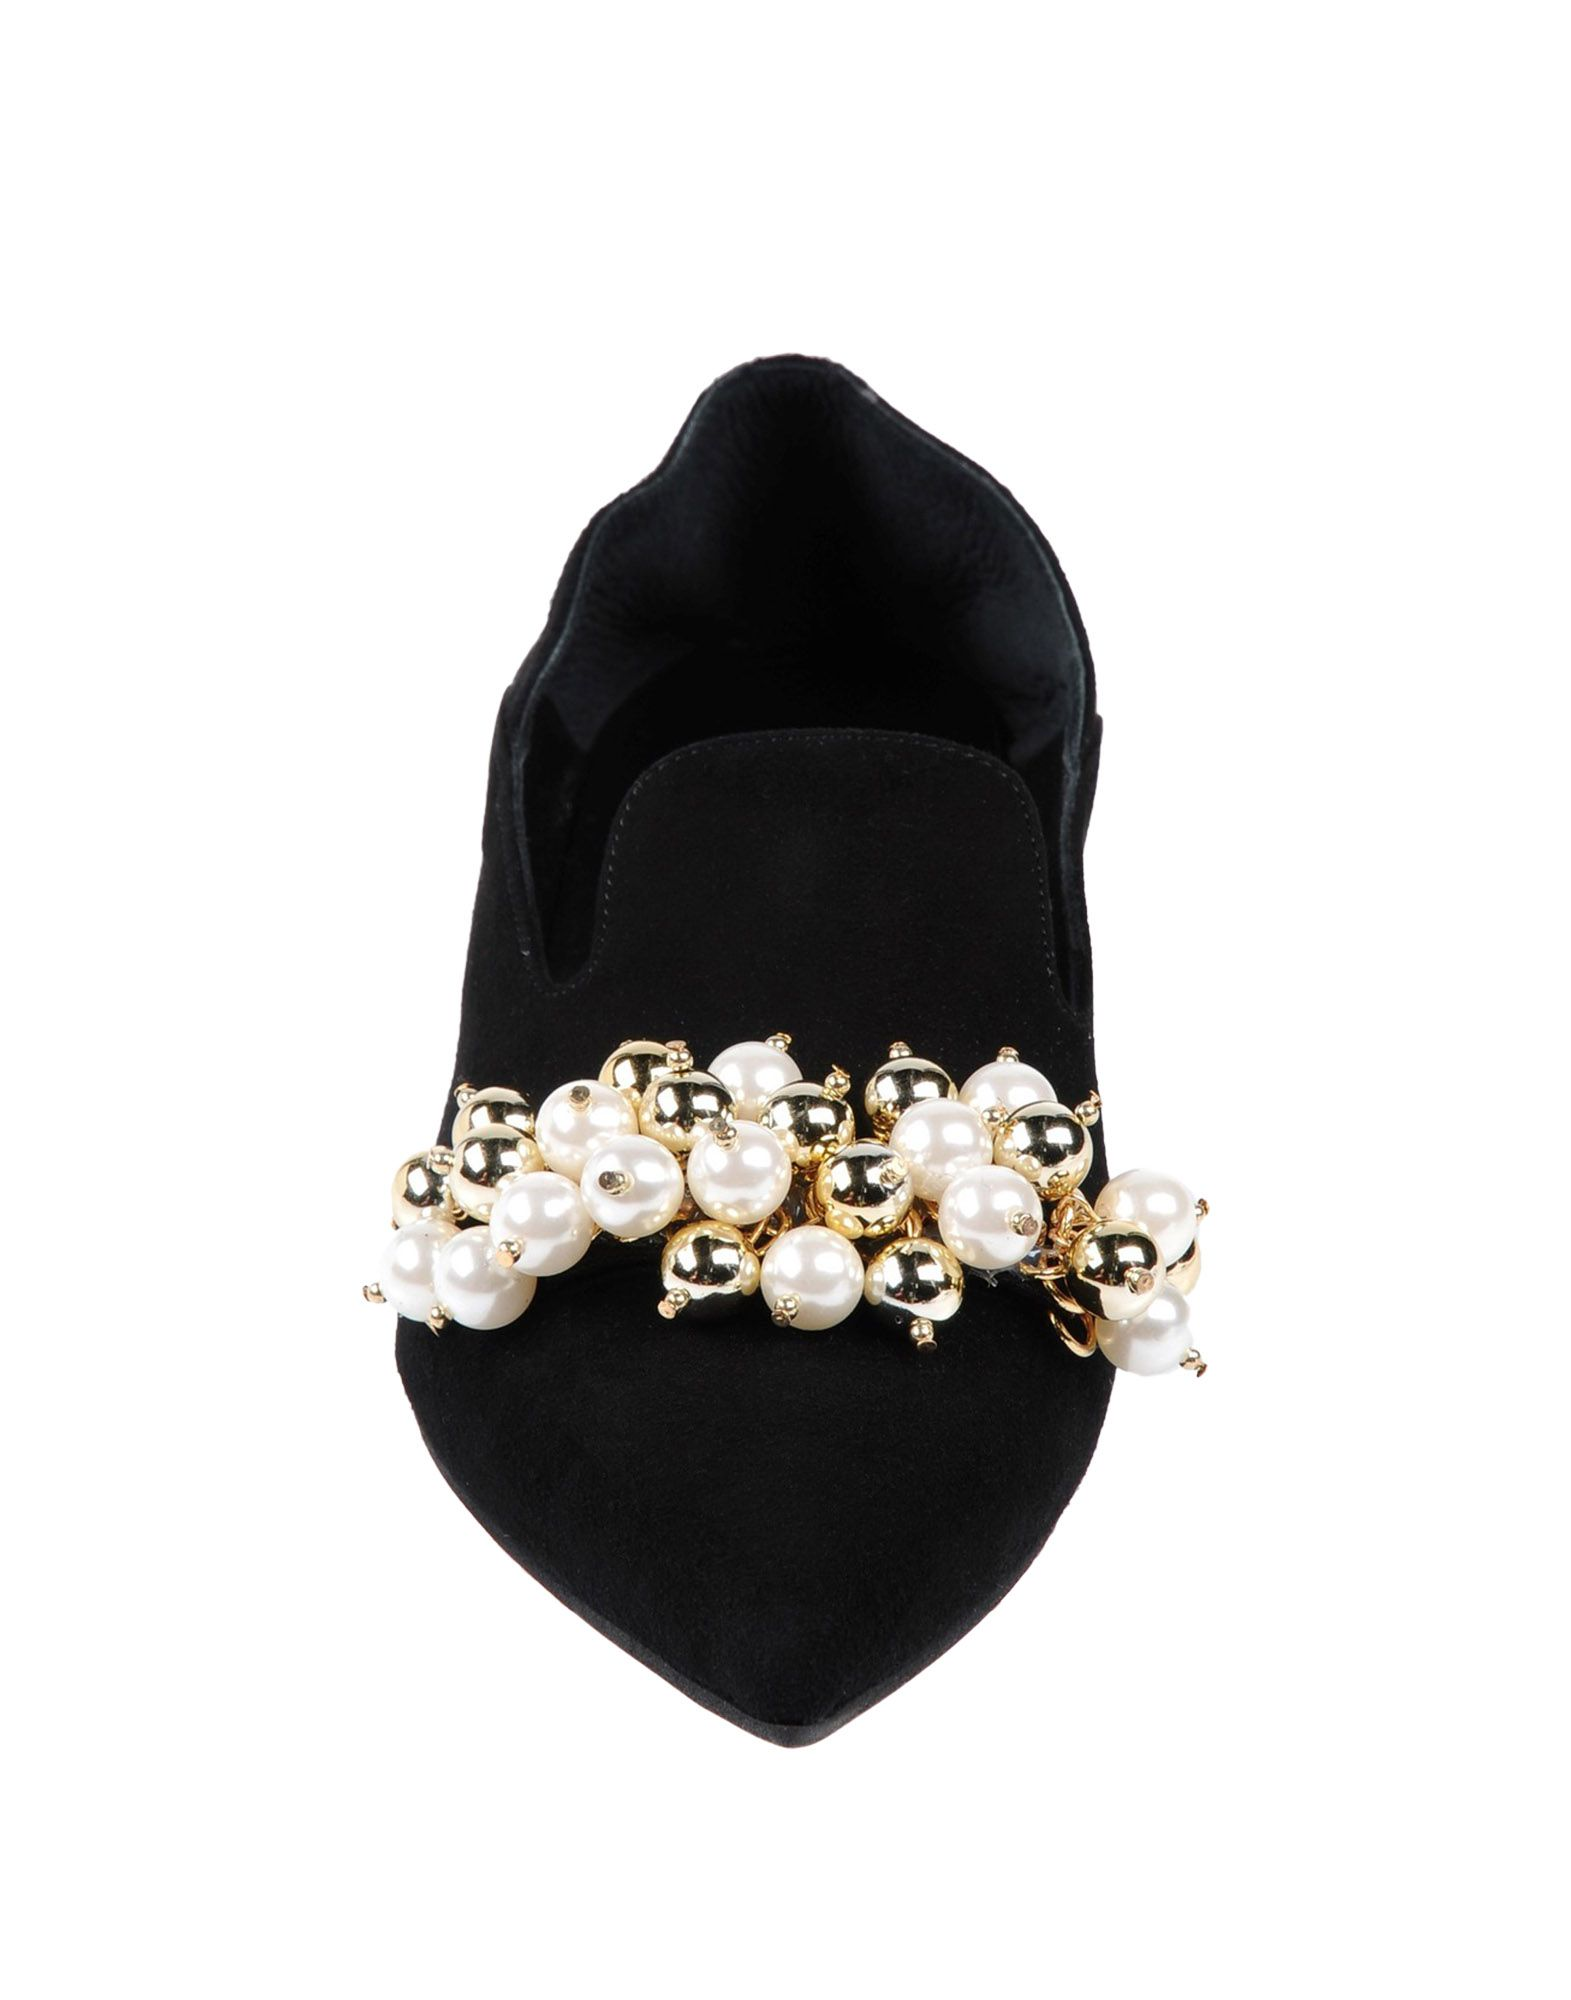 Fabrizio Chini Mokassins Damen  11428837SD Gute Qualität beliebte Schuhe Schuhe beliebte c07e0a